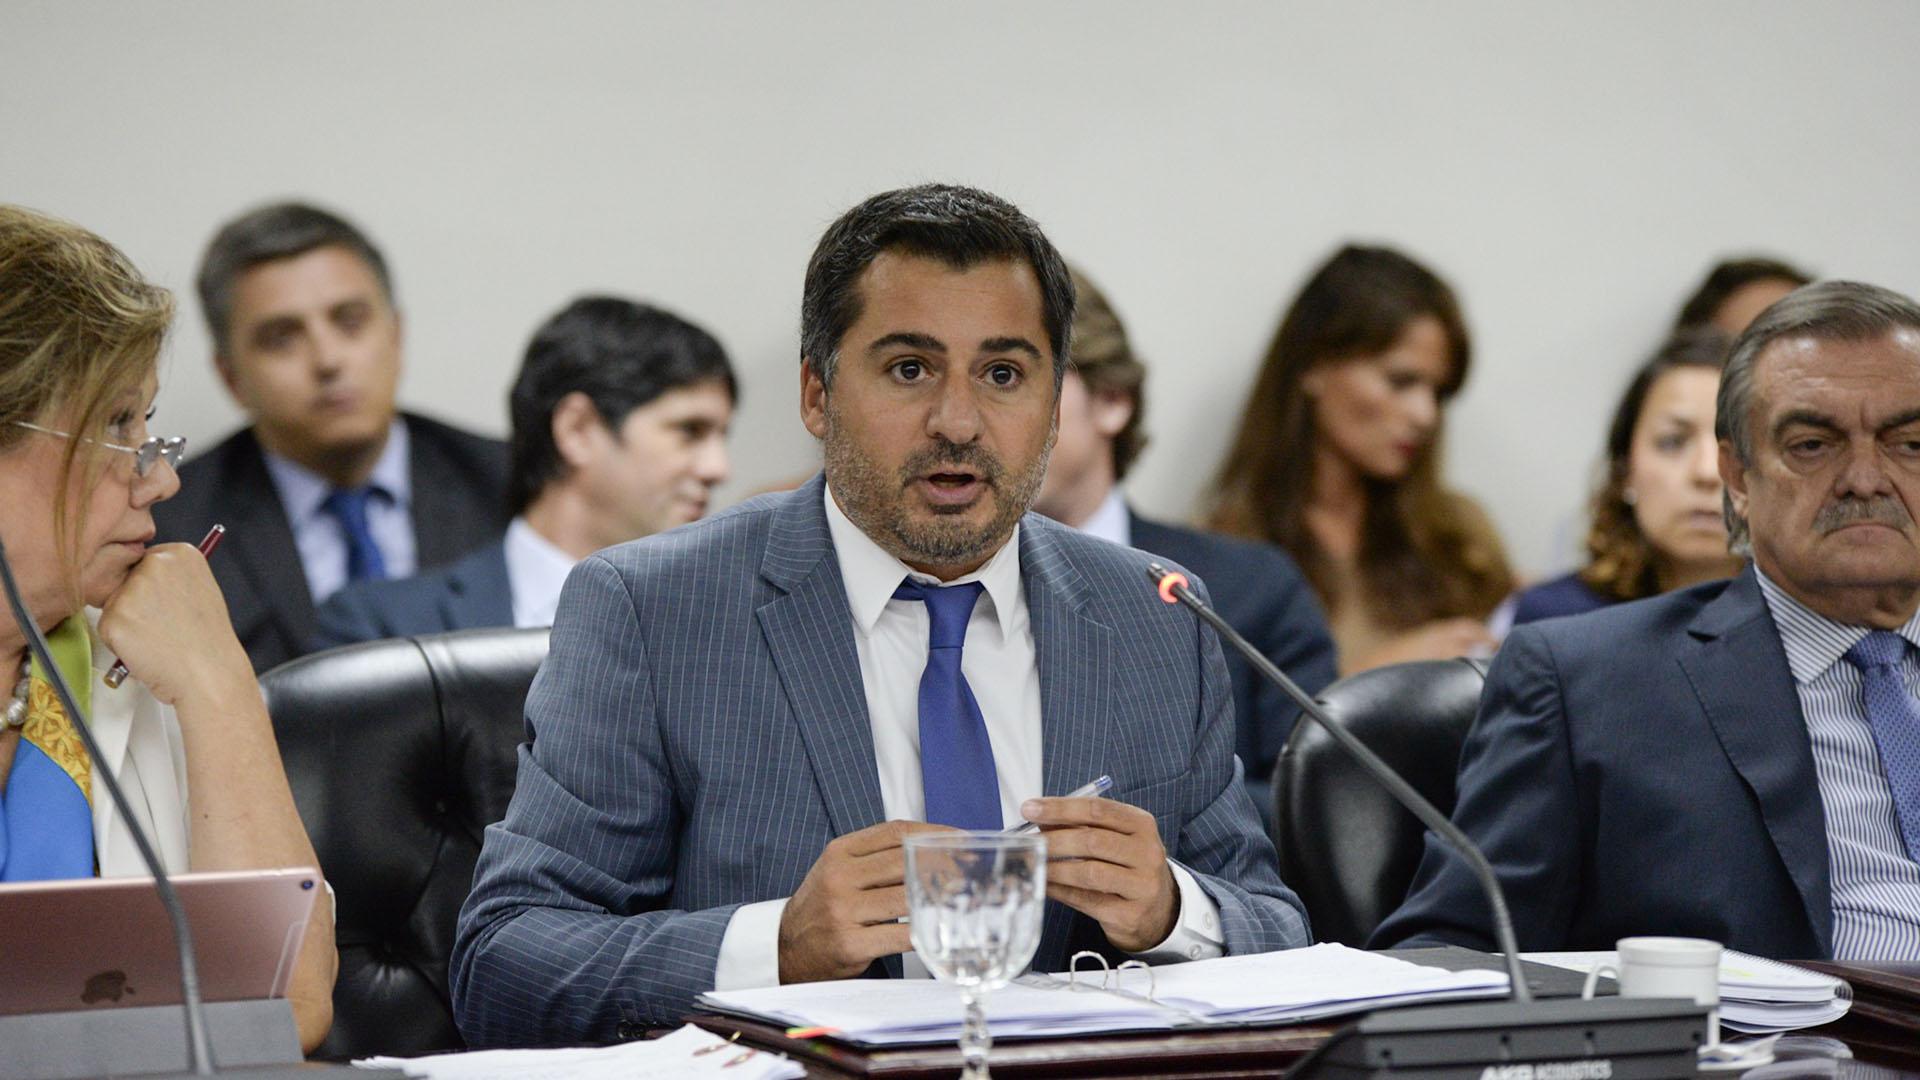 El consejero Molea, conecta la instrucción de la investigación contra Rodríguez (Julieta Ferrario)